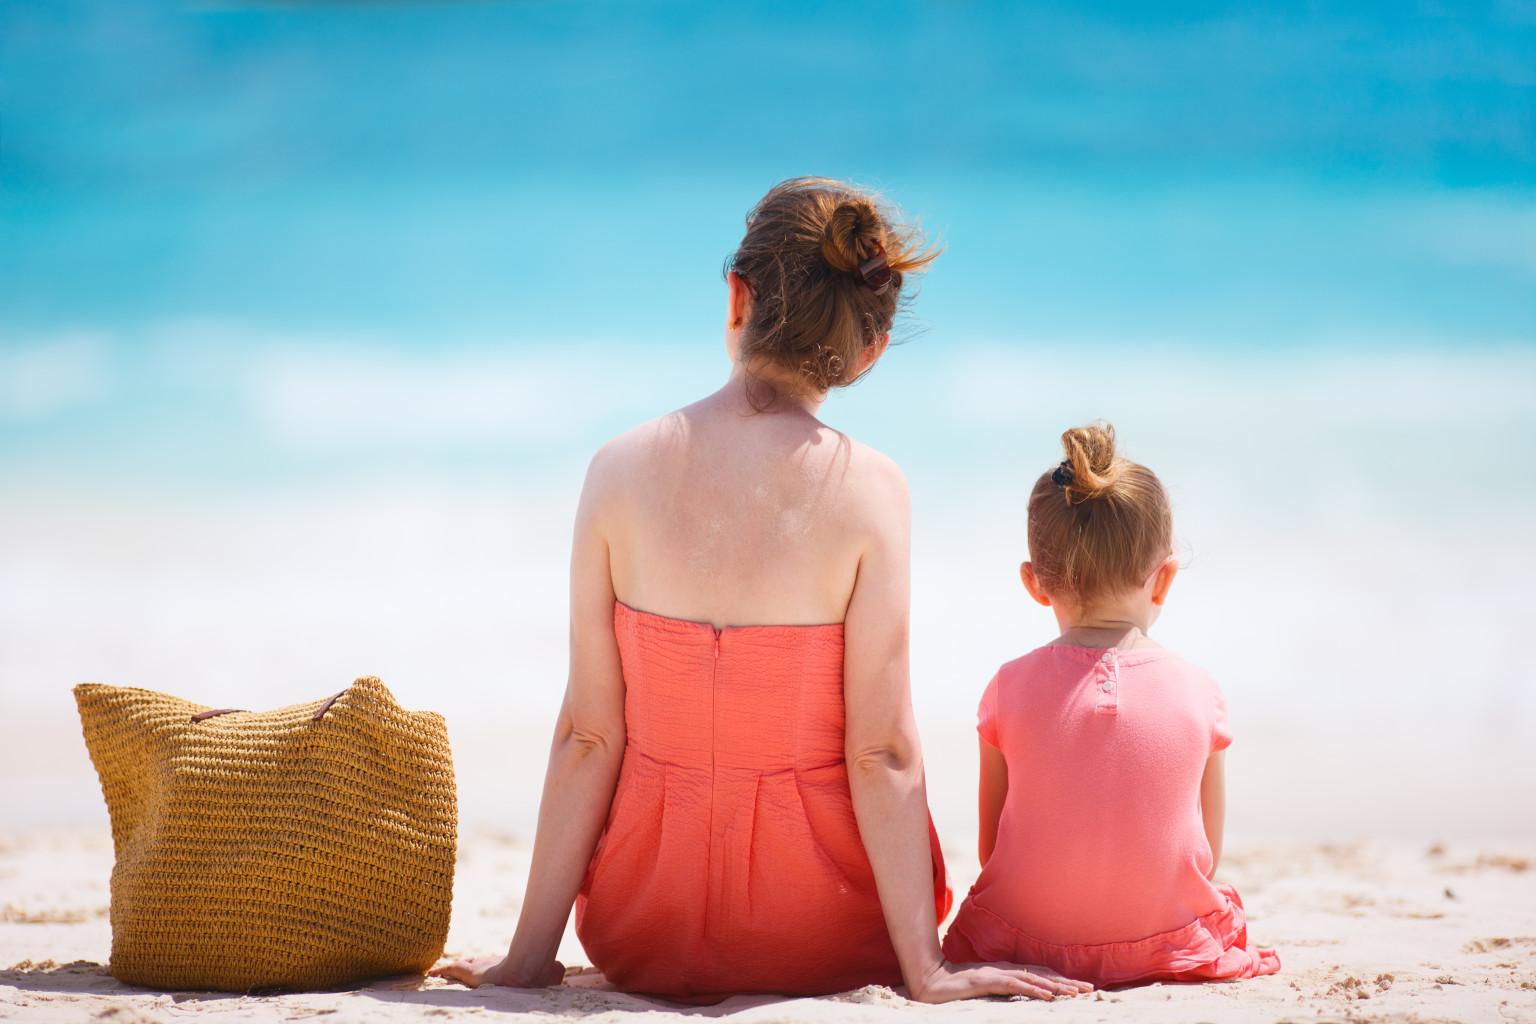 Фото мамы и дочки без лица, Мамы и дочки (19 фото) 4 фотография